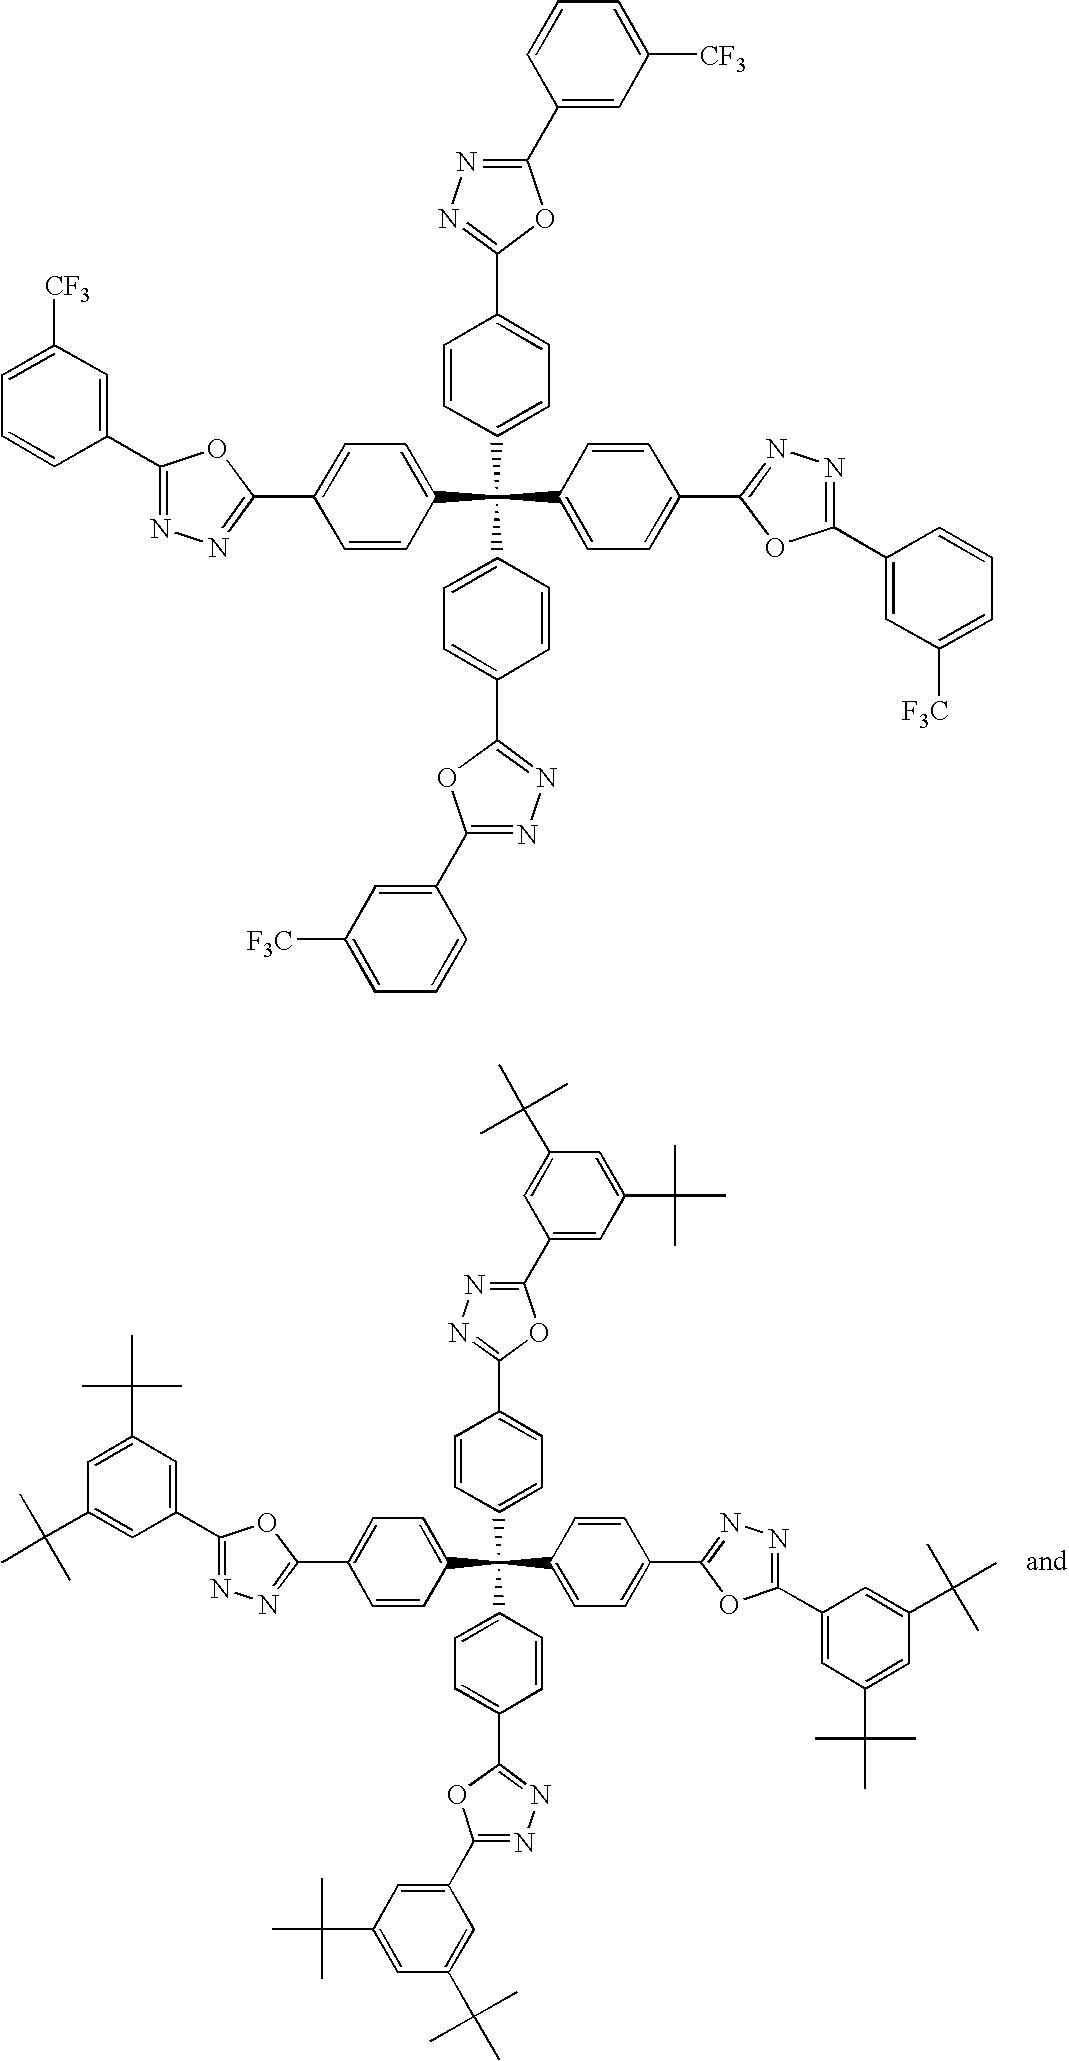 Figure US20090246664A1-20091001-C00016